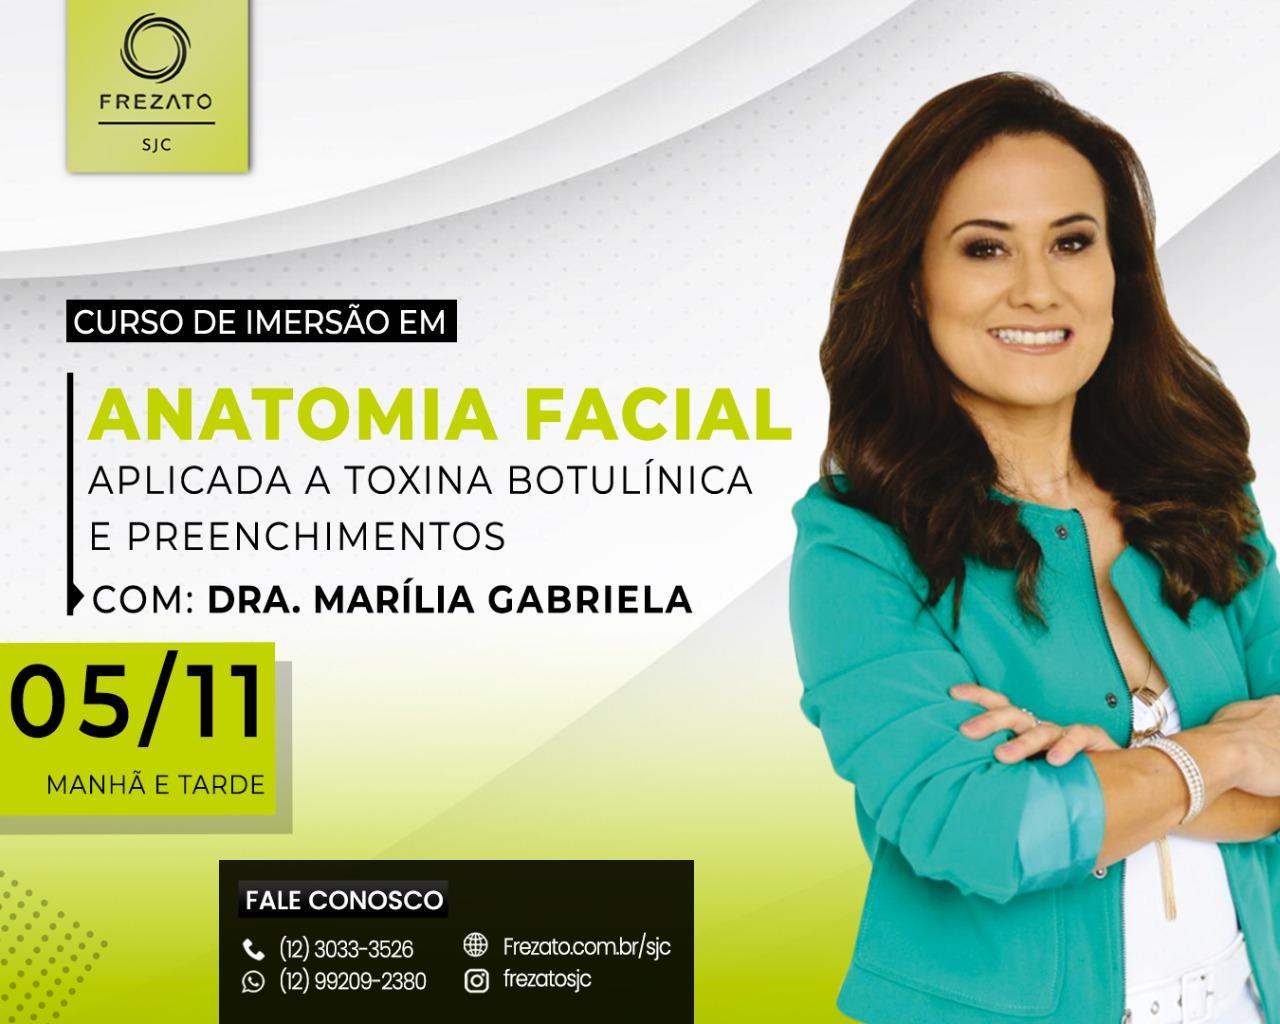 Anatomia Facial aplicada a Toxina Botulínica e Preenchedores.